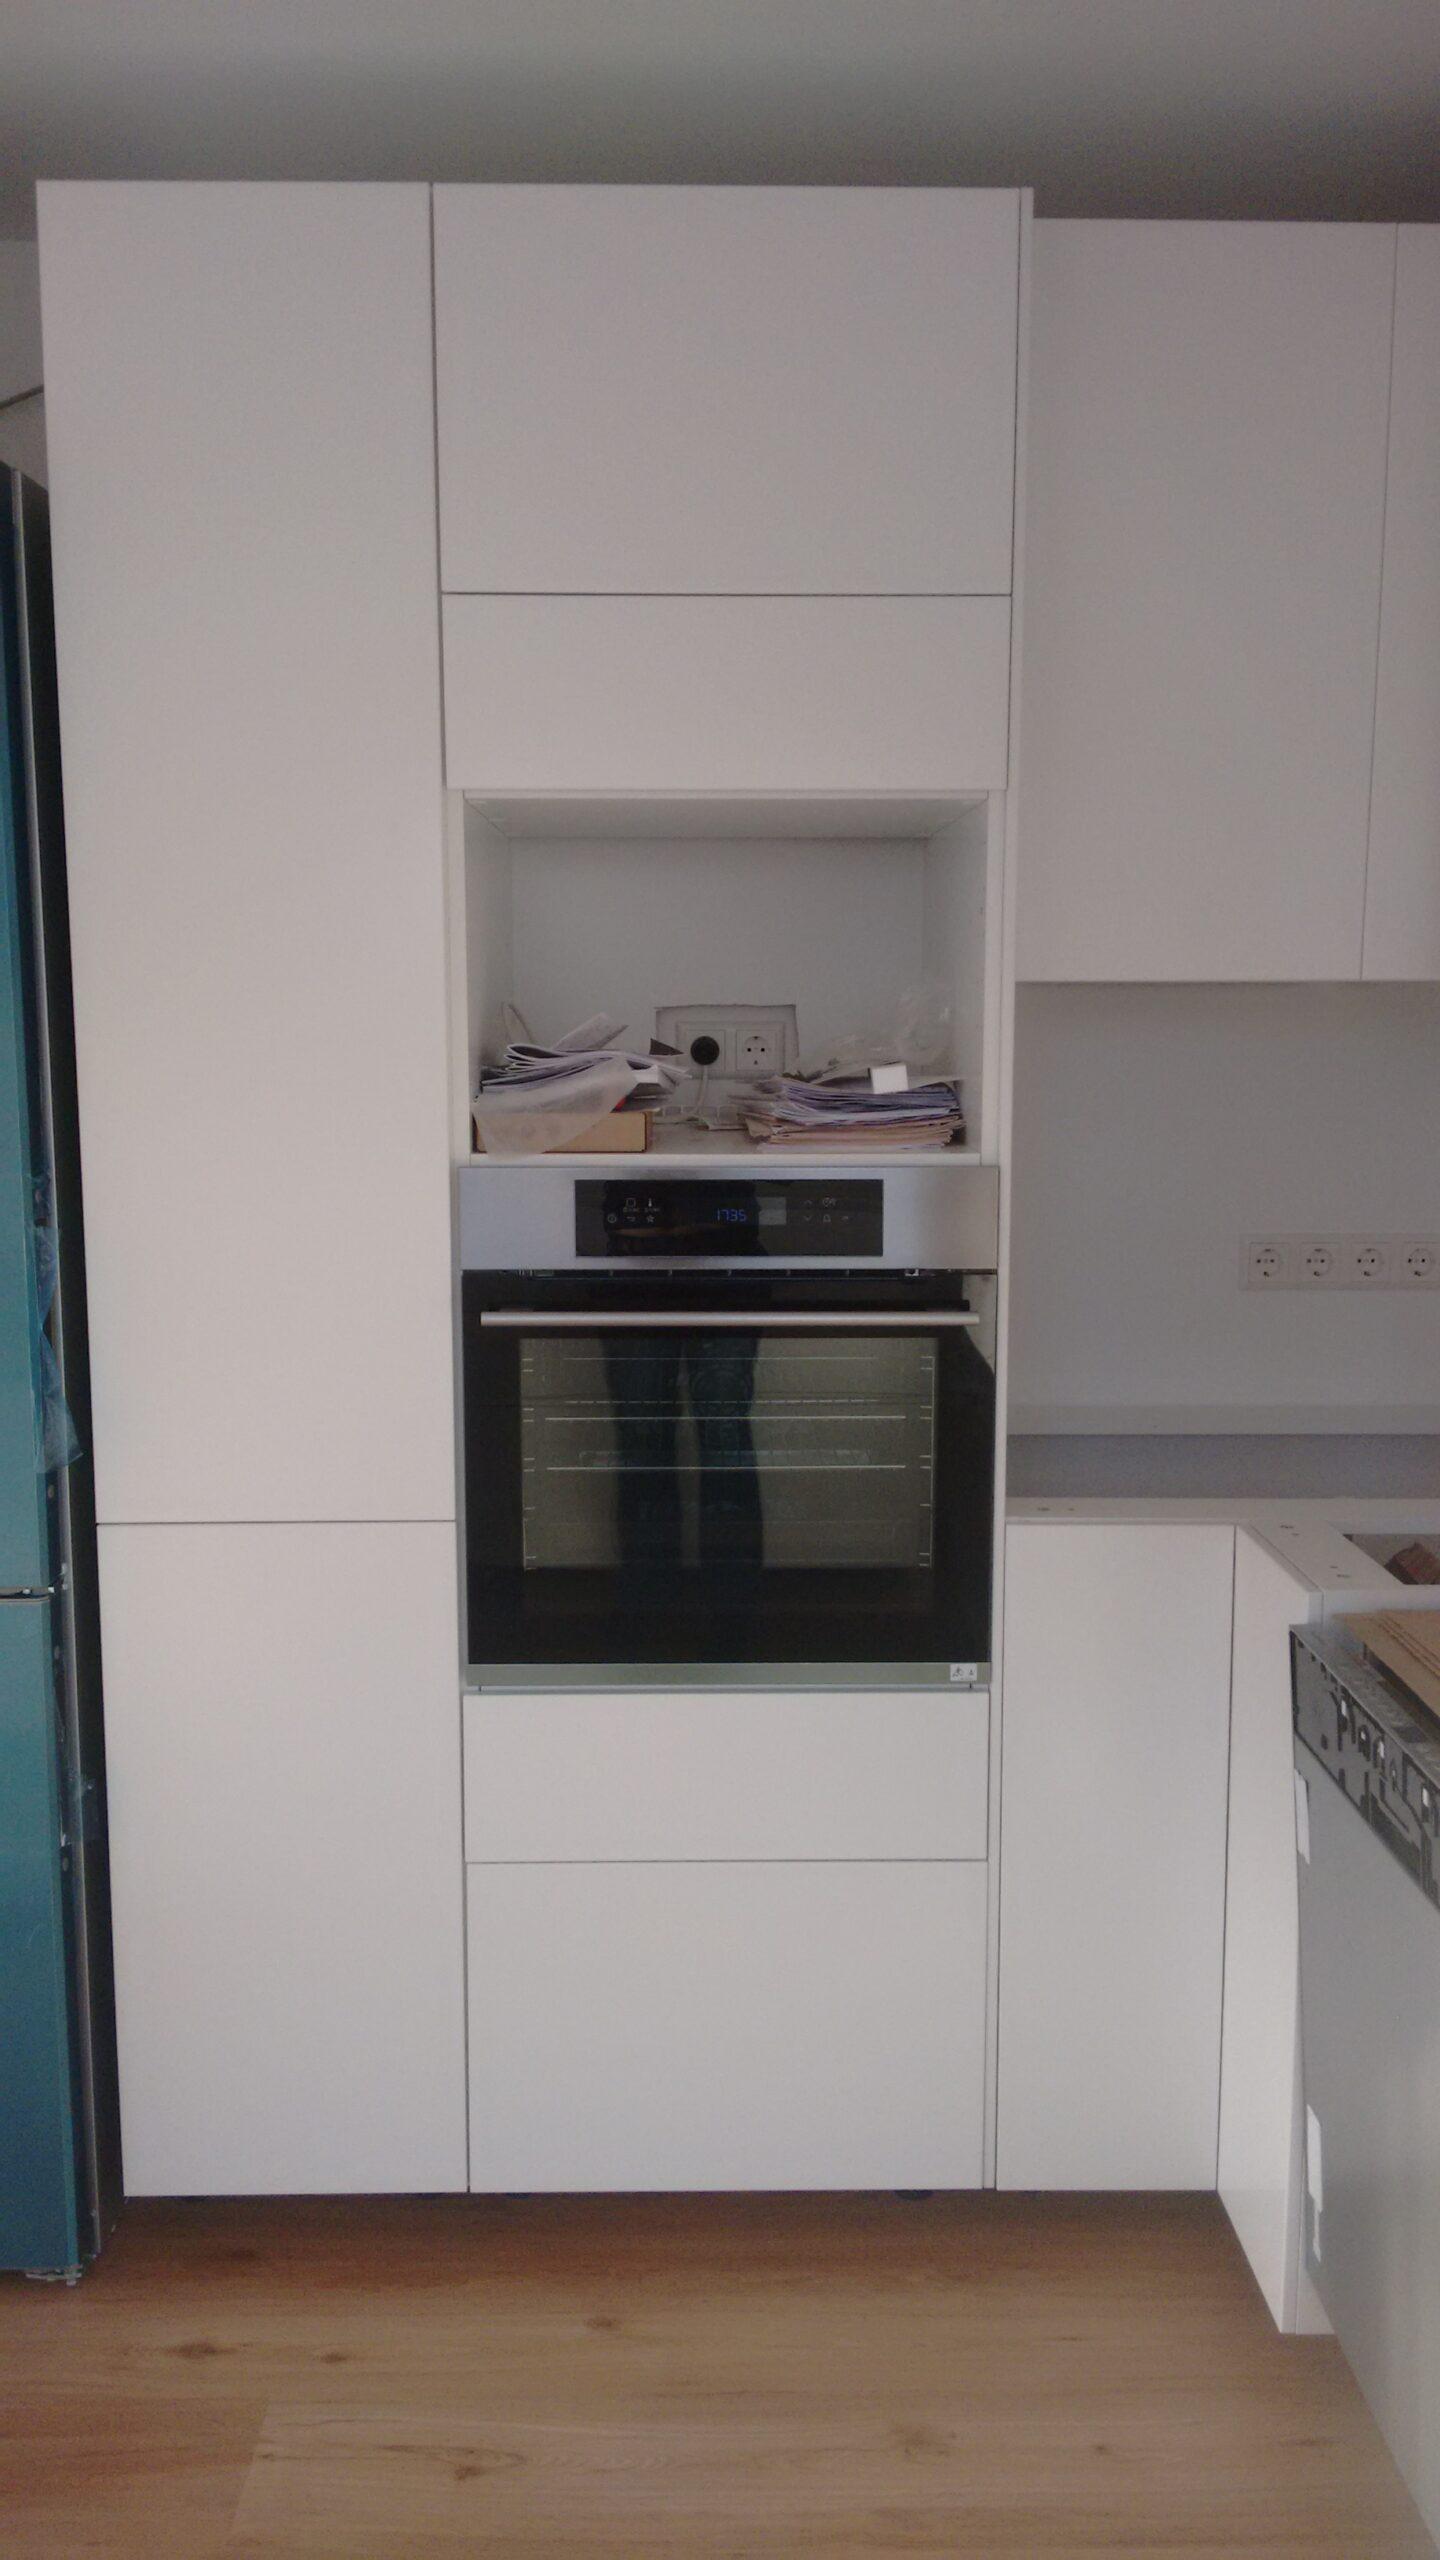 Full Size of Ikea Metod Ein Erfahrungsbericht Projekt Küche Aufbewahrung Gebrauchte Verkaufen Weiß Hochglanz Landküche Mischbatterie Polsterbank Aufbewahrungsbehälter Wohnzimmer Ikea Küche Eckschrank